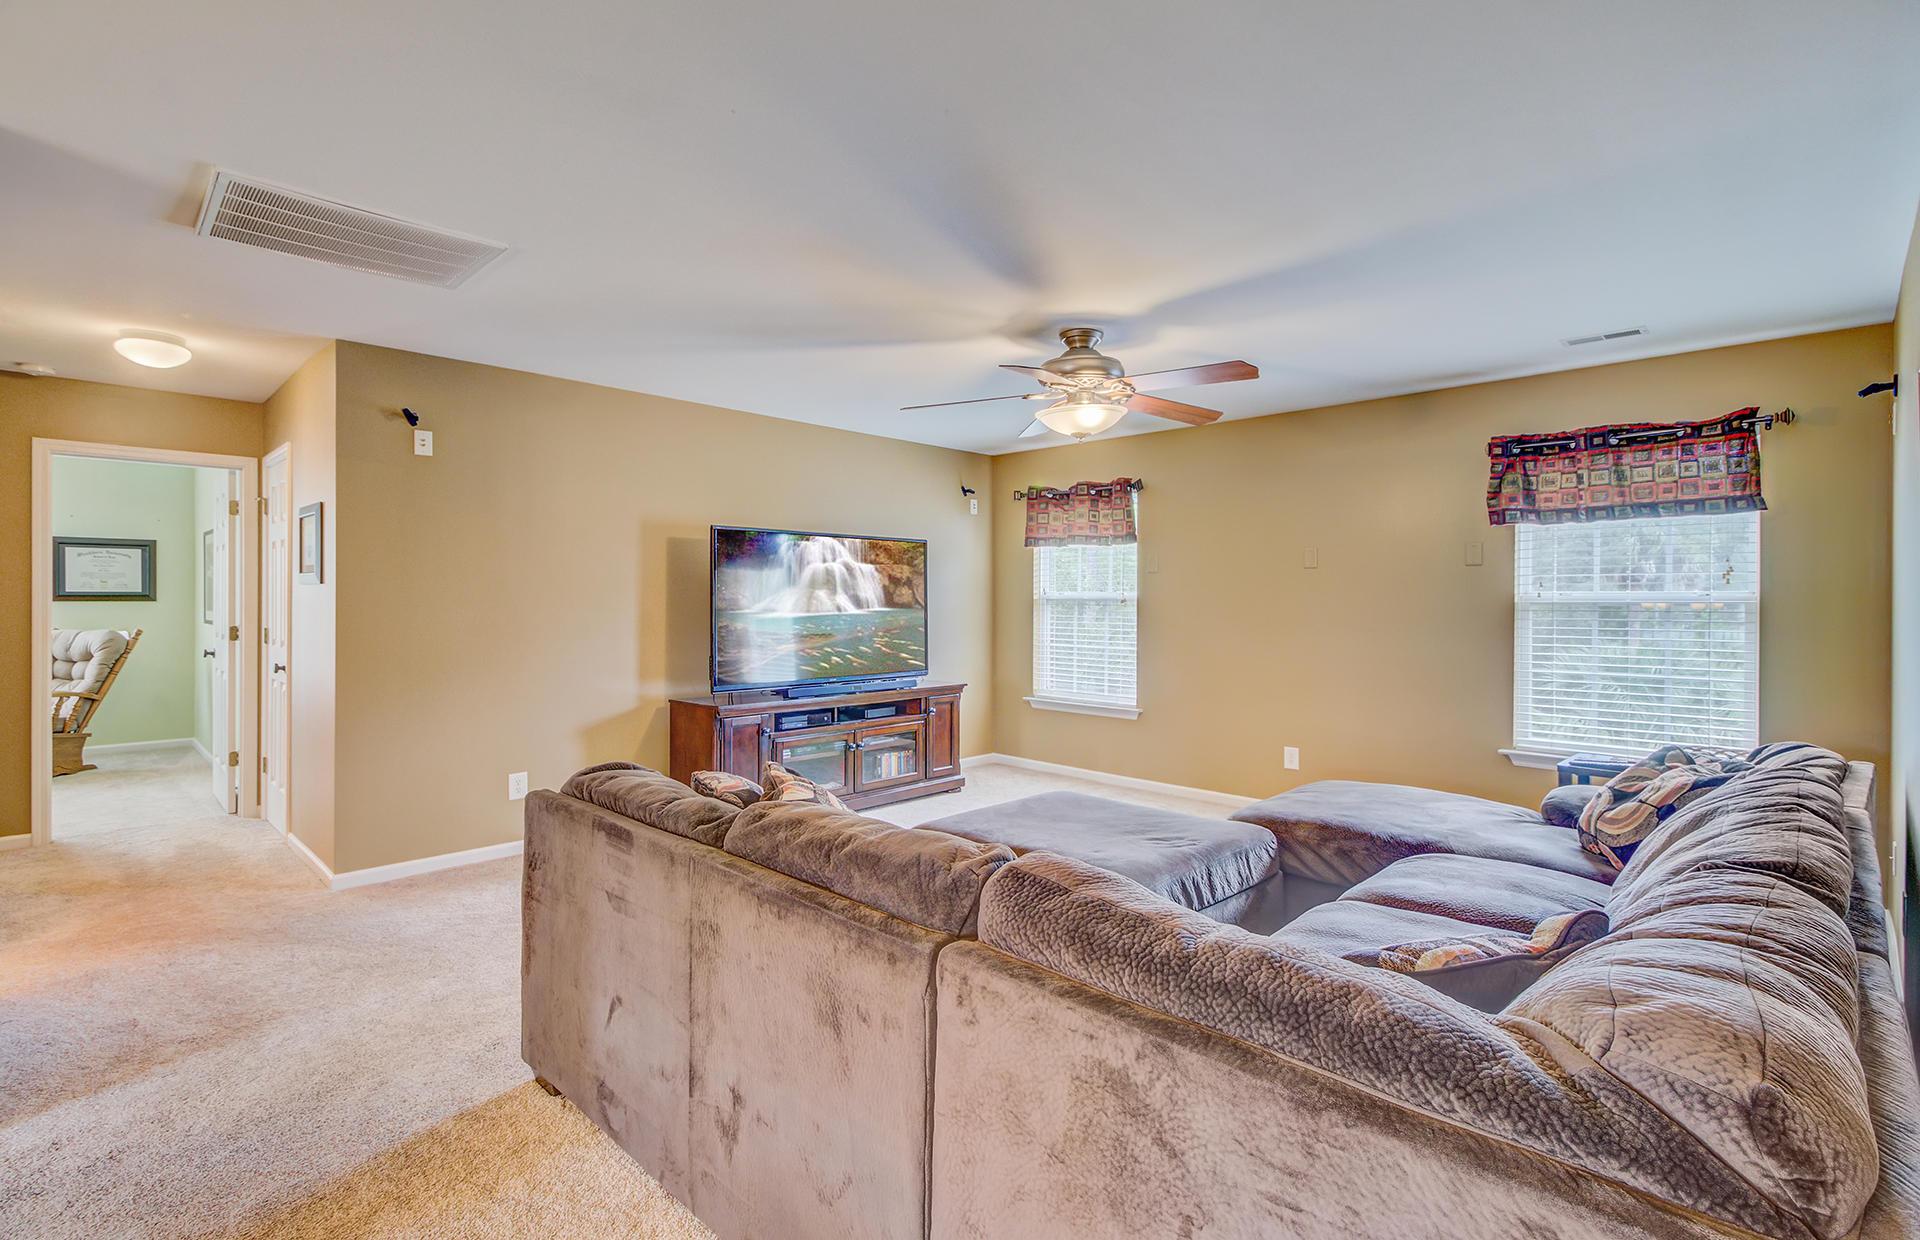 Park West Homes For Sale - 3120 Sonja, Mount Pleasant, SC - 13